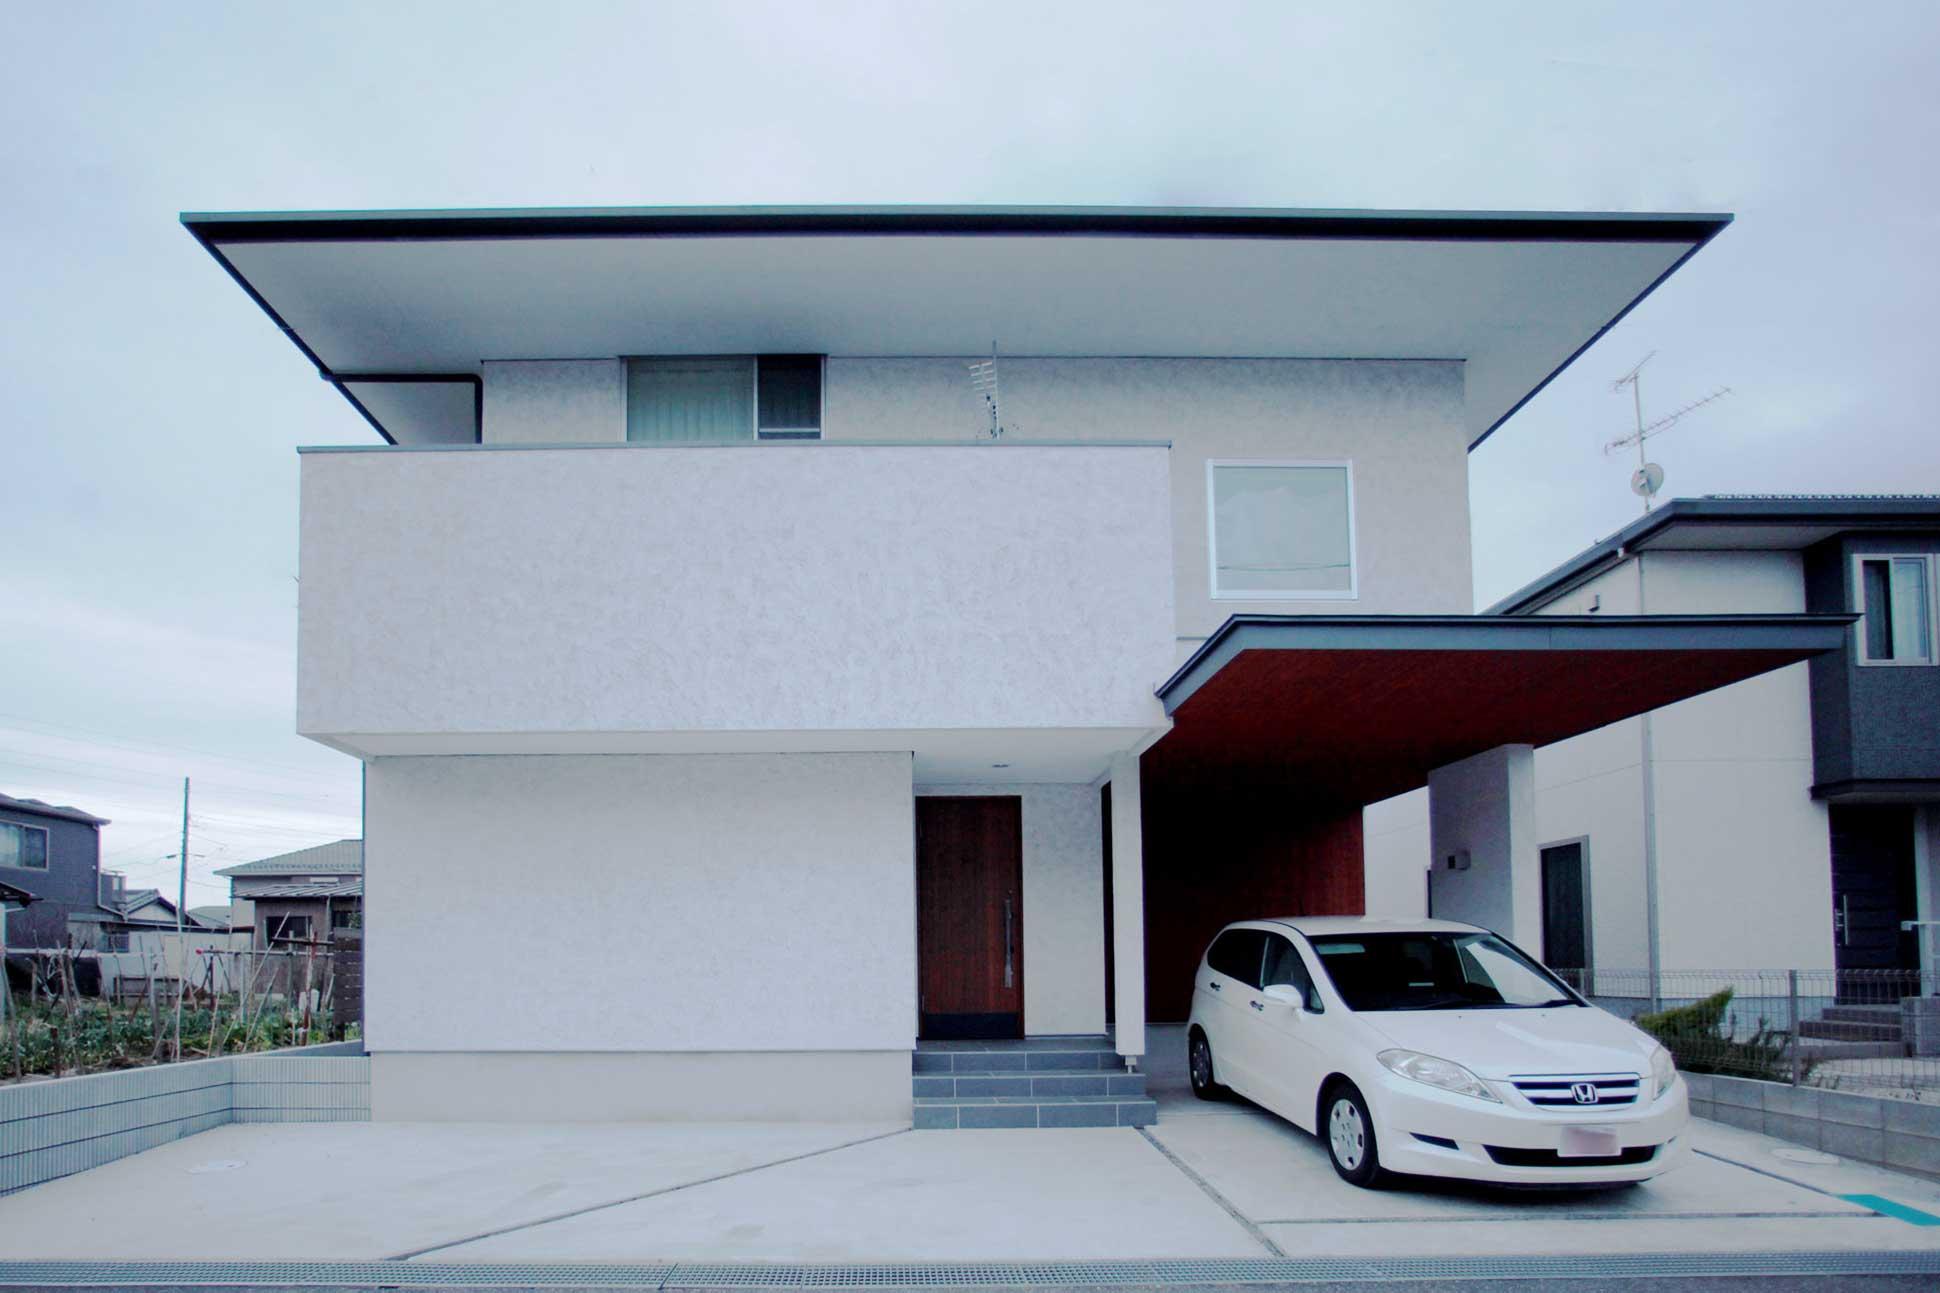 そとん壁の外観と高断熱の木製玄関ドア:袖ヶ浦の注文住宅